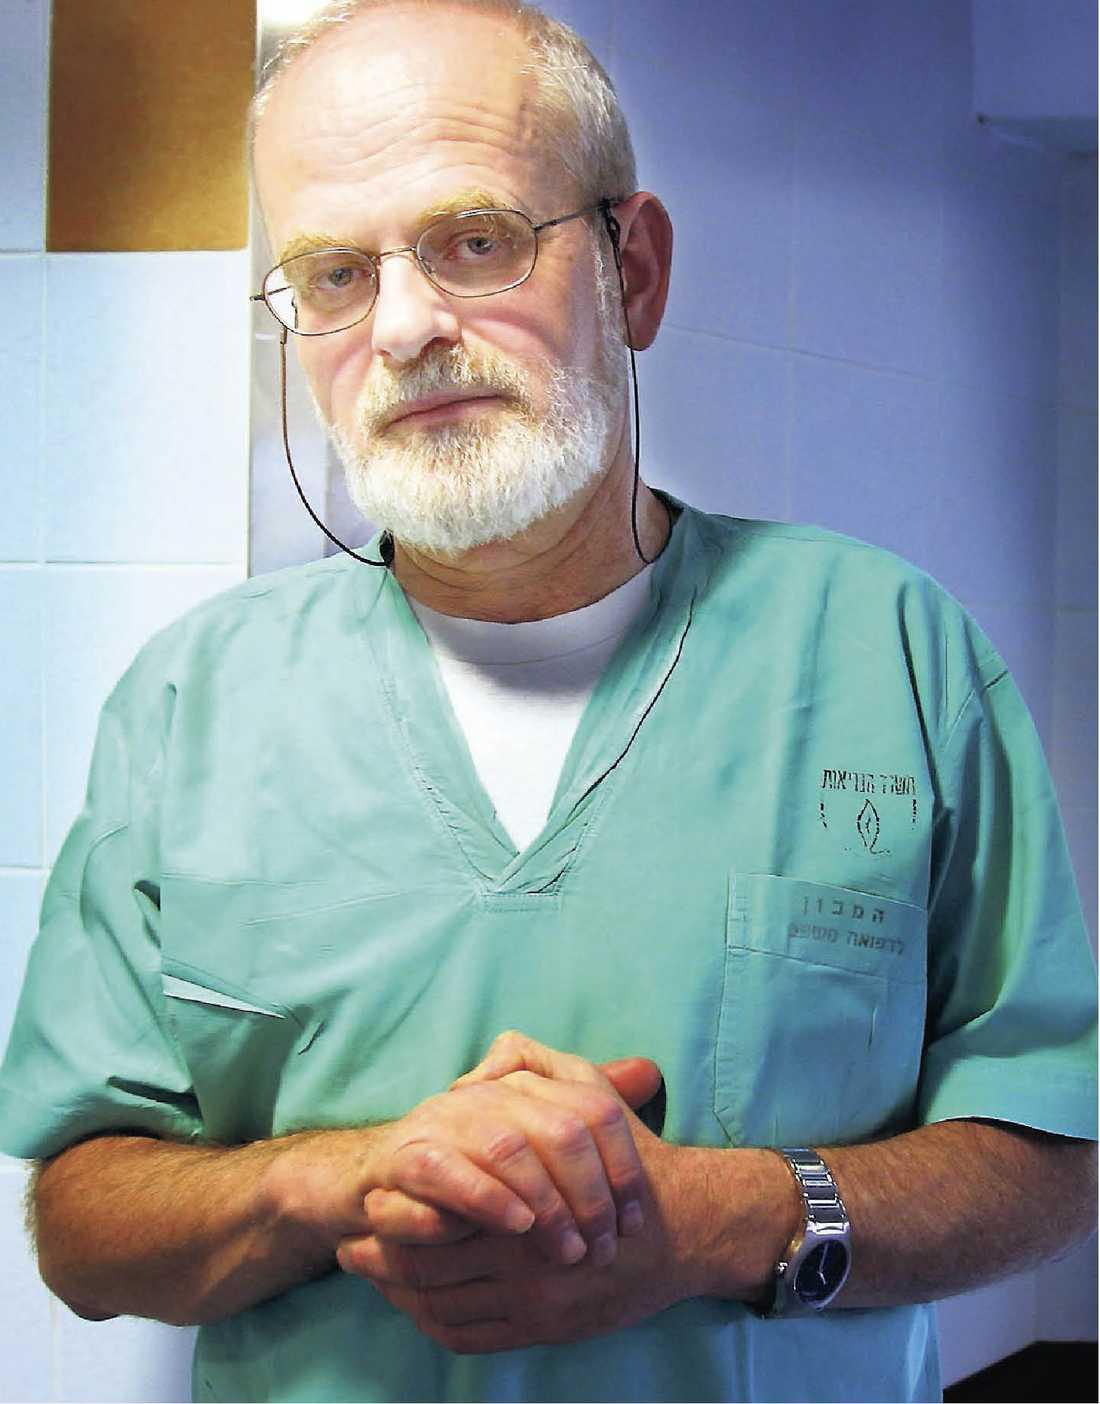 Yehuda Hiss. Före detta chefspatolog på det isrealiska rättsmedicinska institutet Abu Kabir.